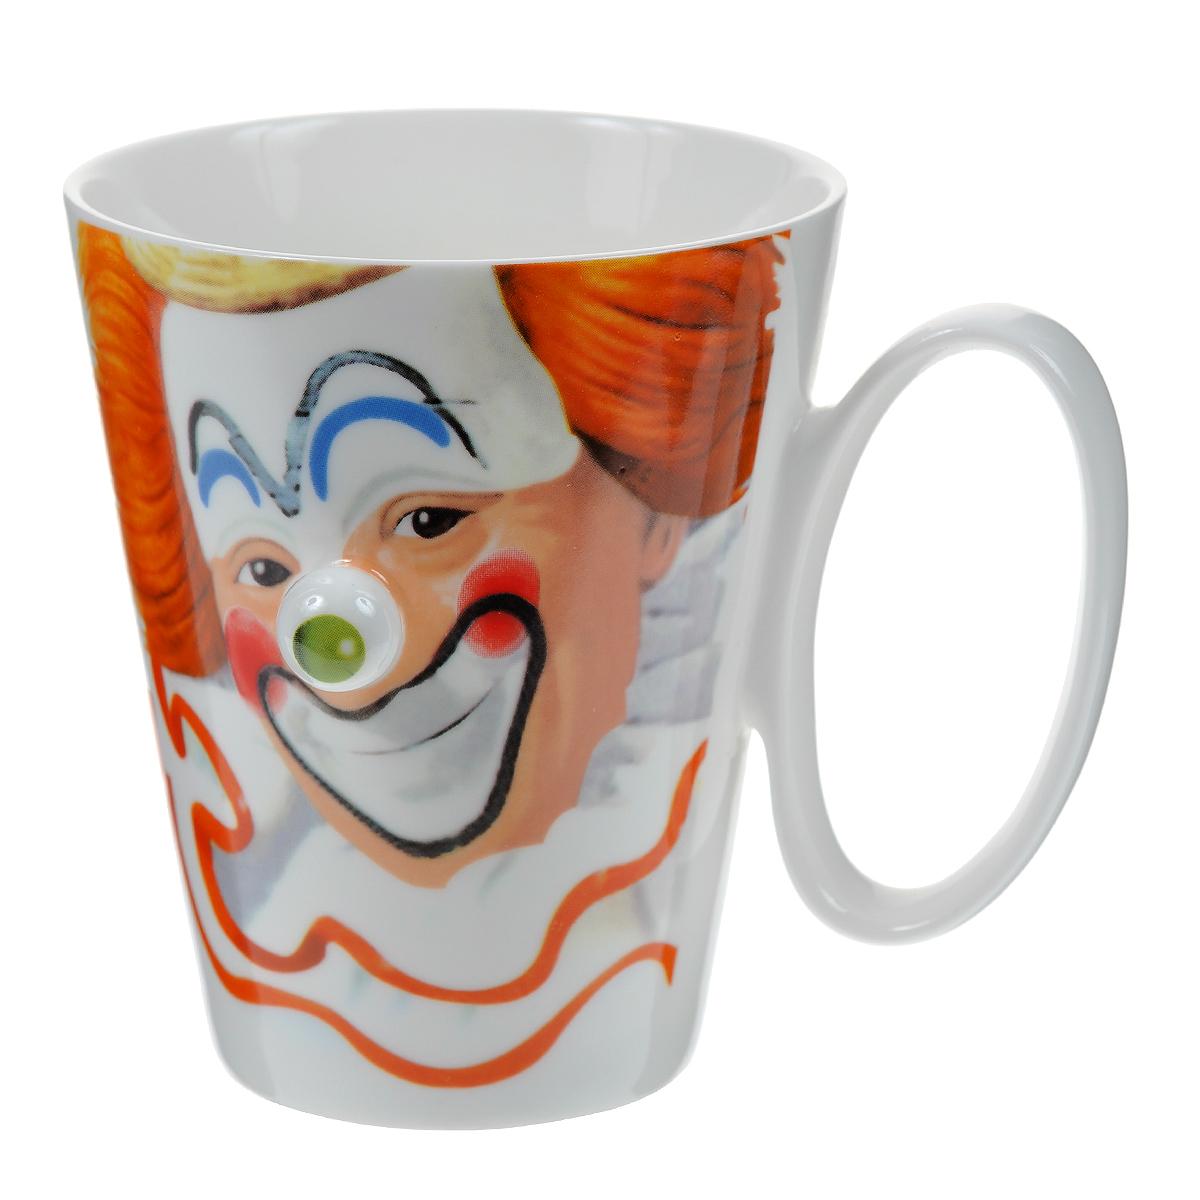 """Оригинальная кружка """"Клоун"""" выполнена из керамики и оформлена забавным изображением клоуна с выступающим зеленым носом. Такая кружка станет не только приятным, но и практичным сувениром. Характеристики:  Материал:  керамика. Высота кружки:  10 см. Диаметр по верхнему краю: 8,5 см. Размер упаковки:  11,5 см х 9,5 см х 11 см. Артикул:003427."""